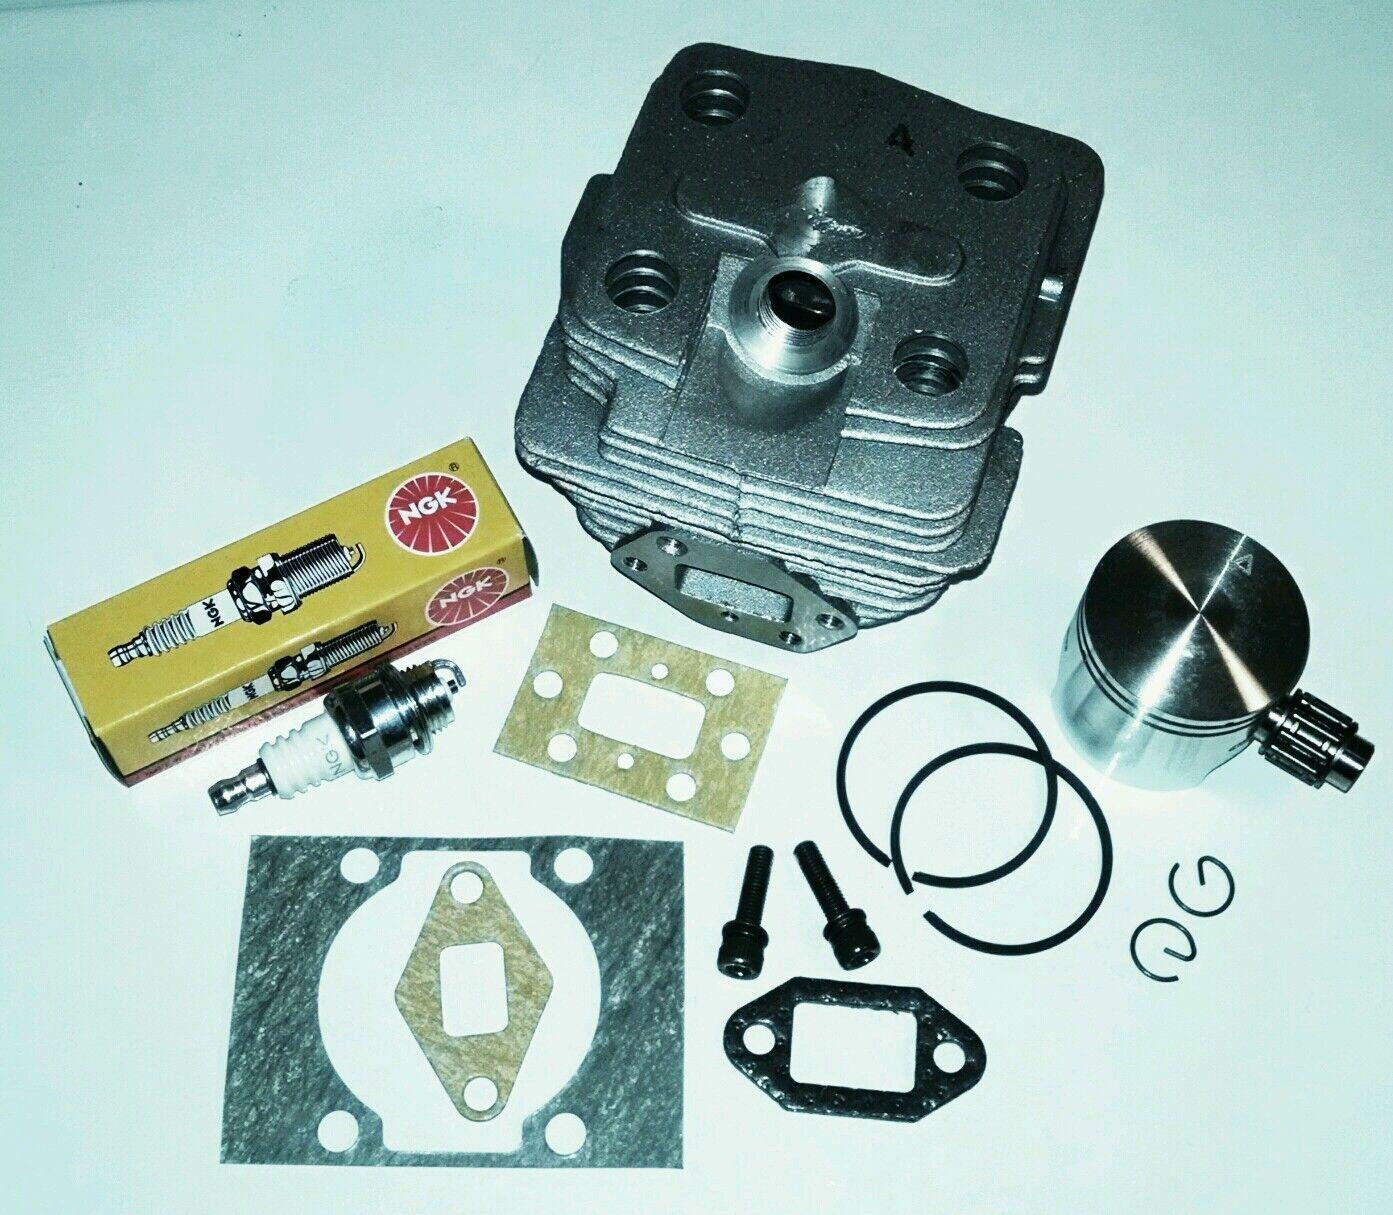 E-Ton Rascal Ixl 40 & Rxl 40 Viper Jr RXL-40E RXL-40E RXL-40E Eton 40 41.5cc Motor Top End Set 5ba985